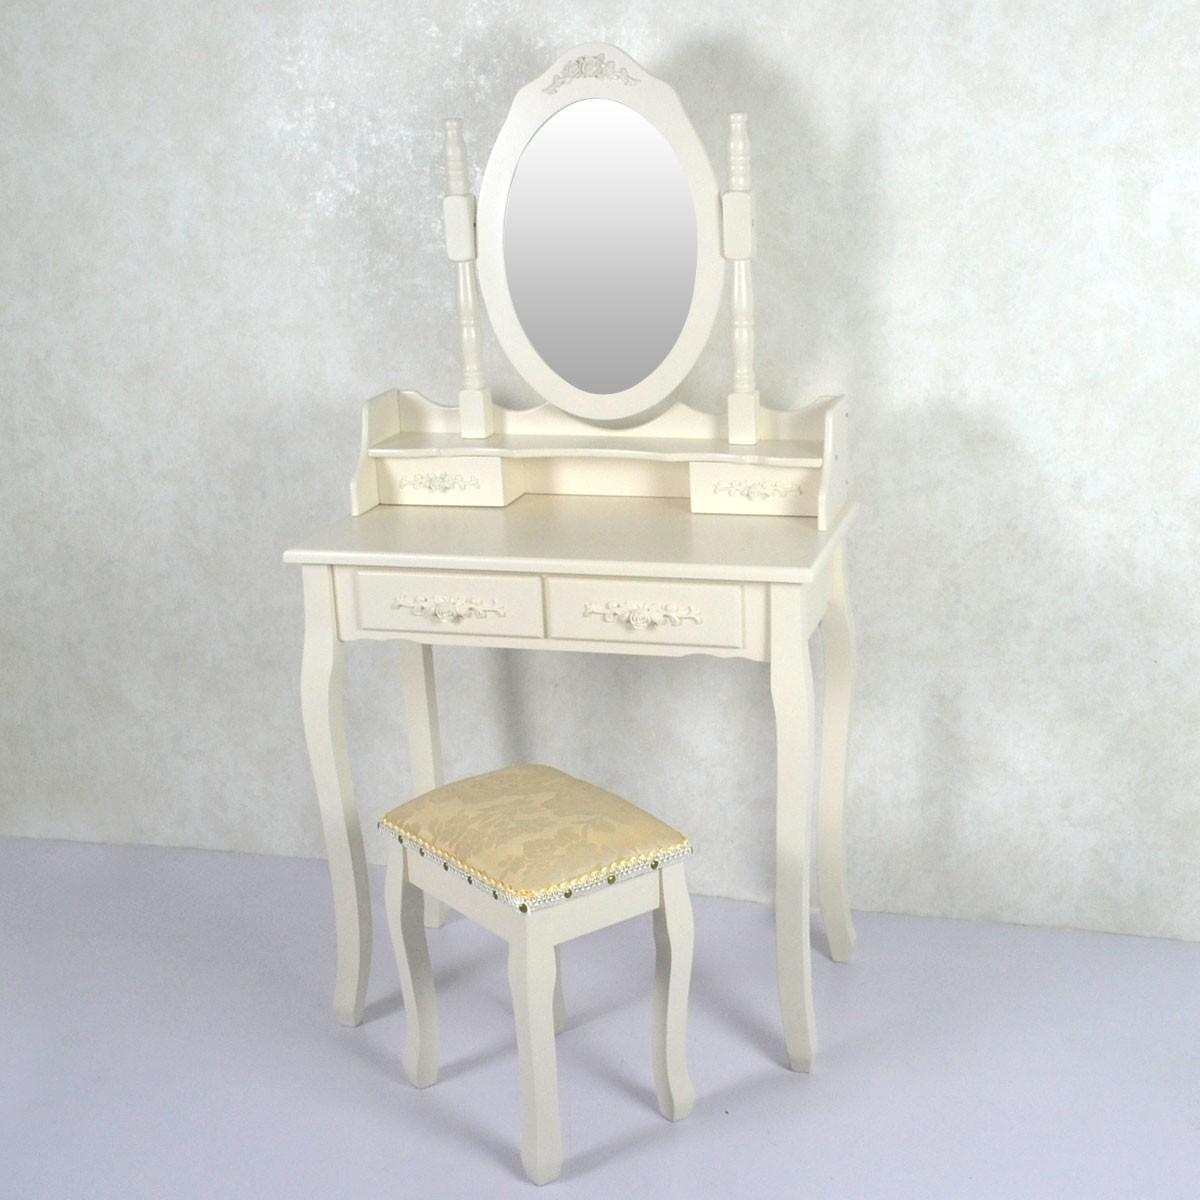 Coiffeuse avec tabouret et miroir ji3306 decoraport canada - Coiffeuse et tabouret ...